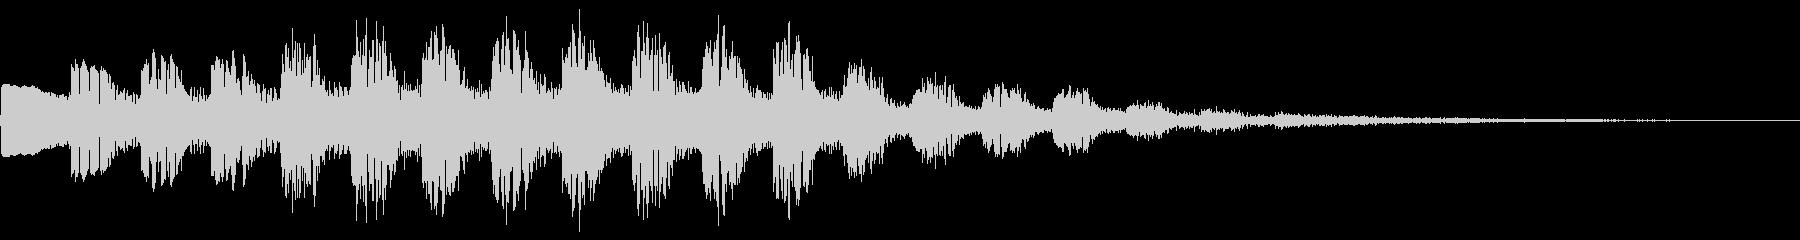 ゲーム、レベルアップ上昇音の未再生の波形